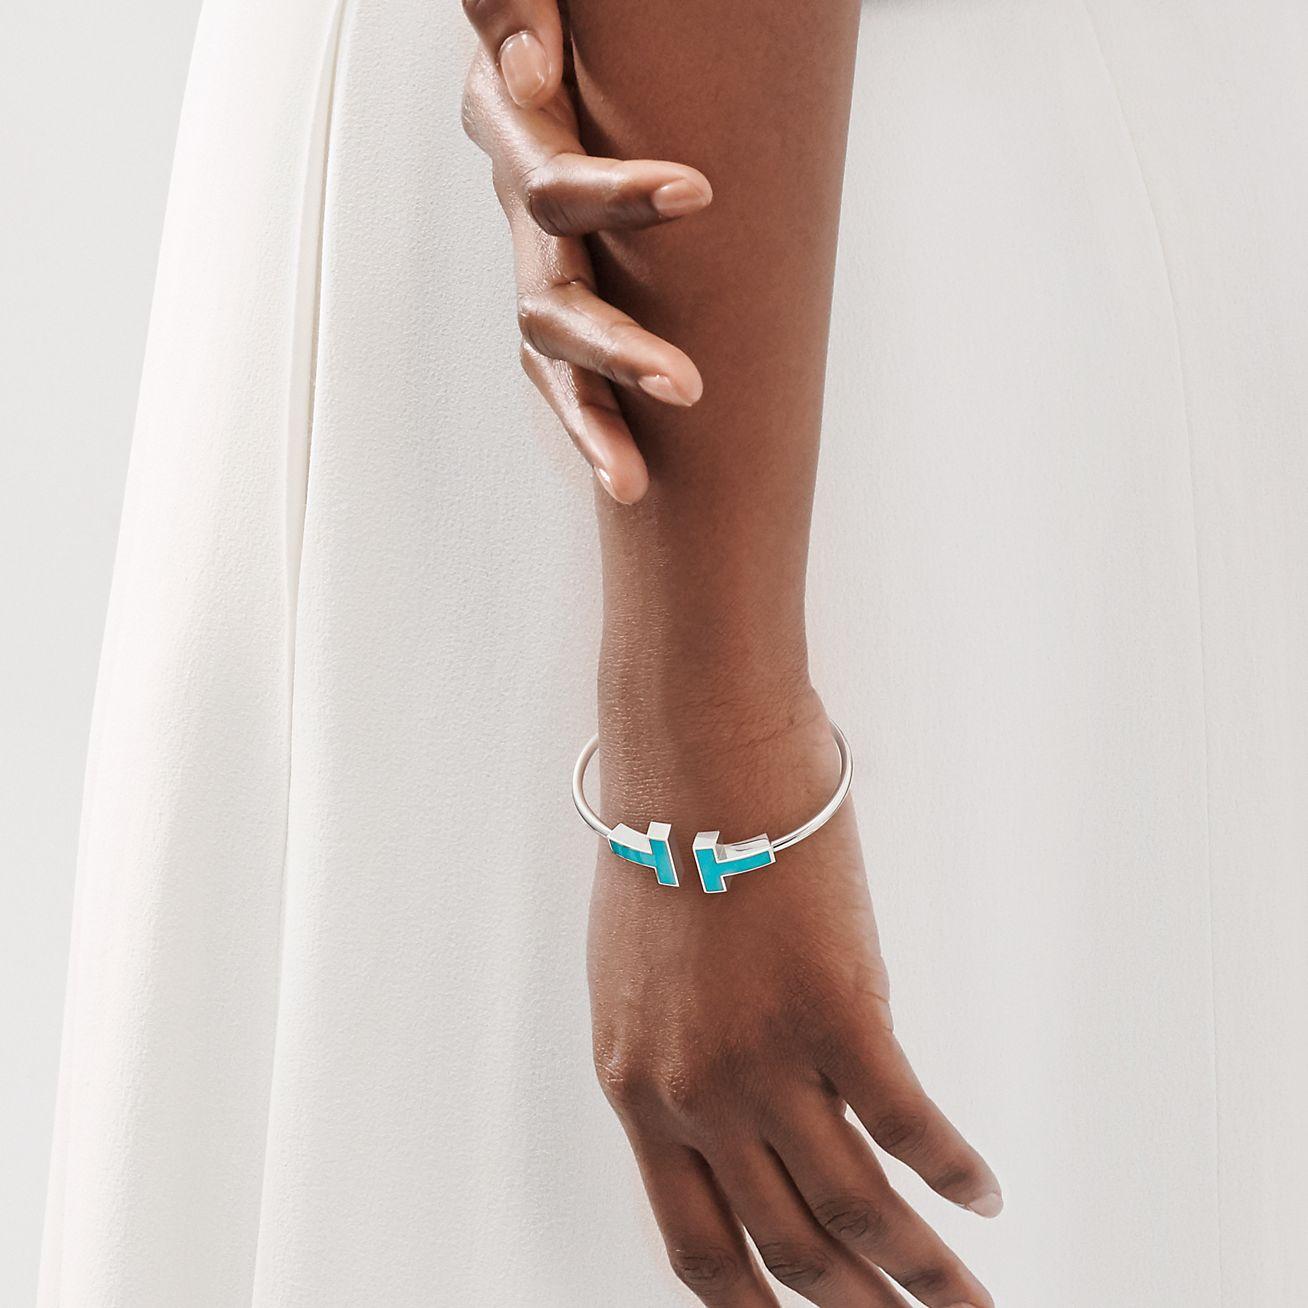 Brushed Bangle,18K Rose Gold Plated Turquoise Bangle Gemstone Jewelry Turquoise Jewelry Howlite Turquoise Bracelet Rose Gold Bangle